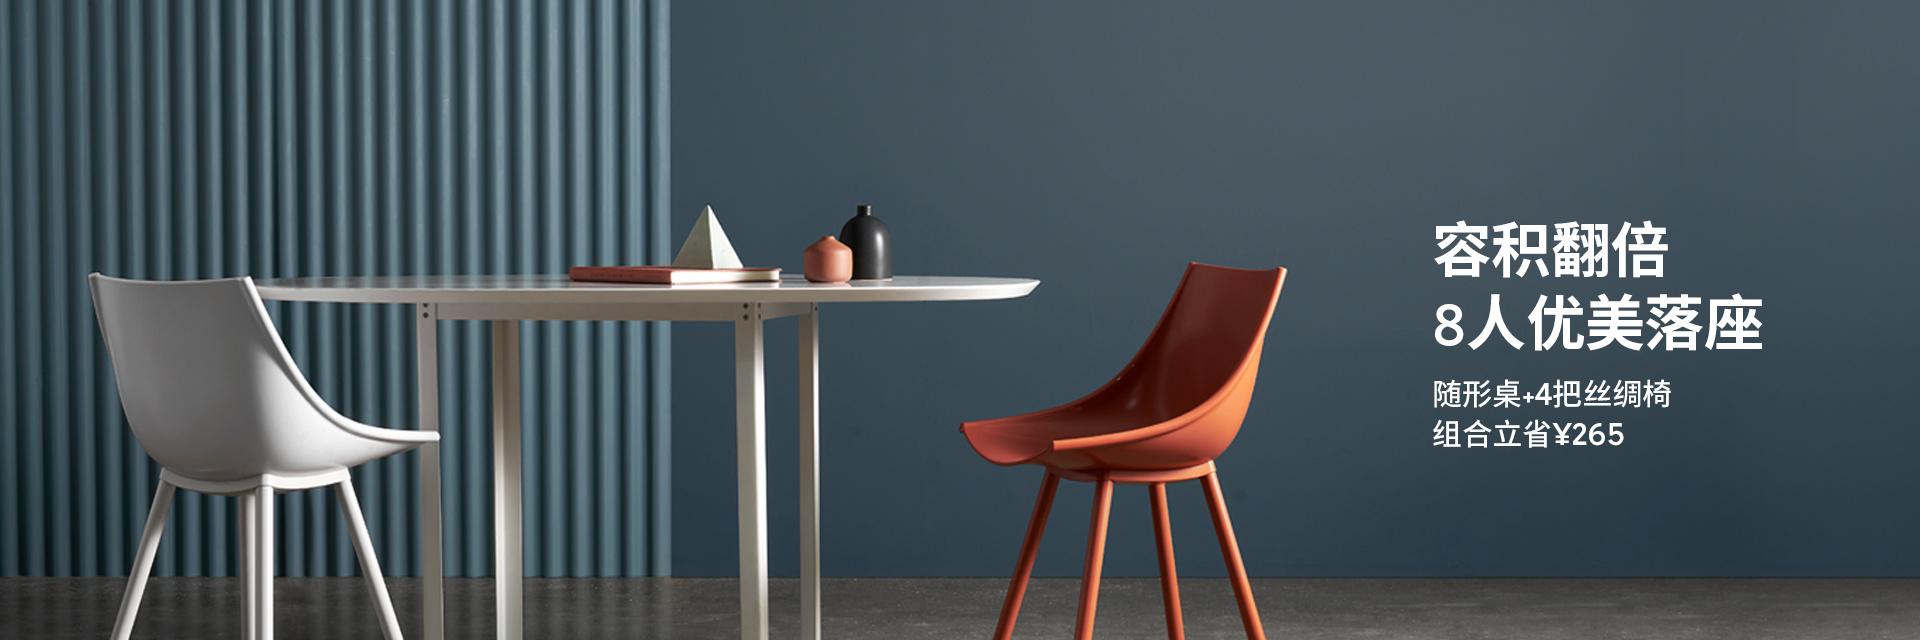 随形桌+4把丝绸椅 组合立省¥265